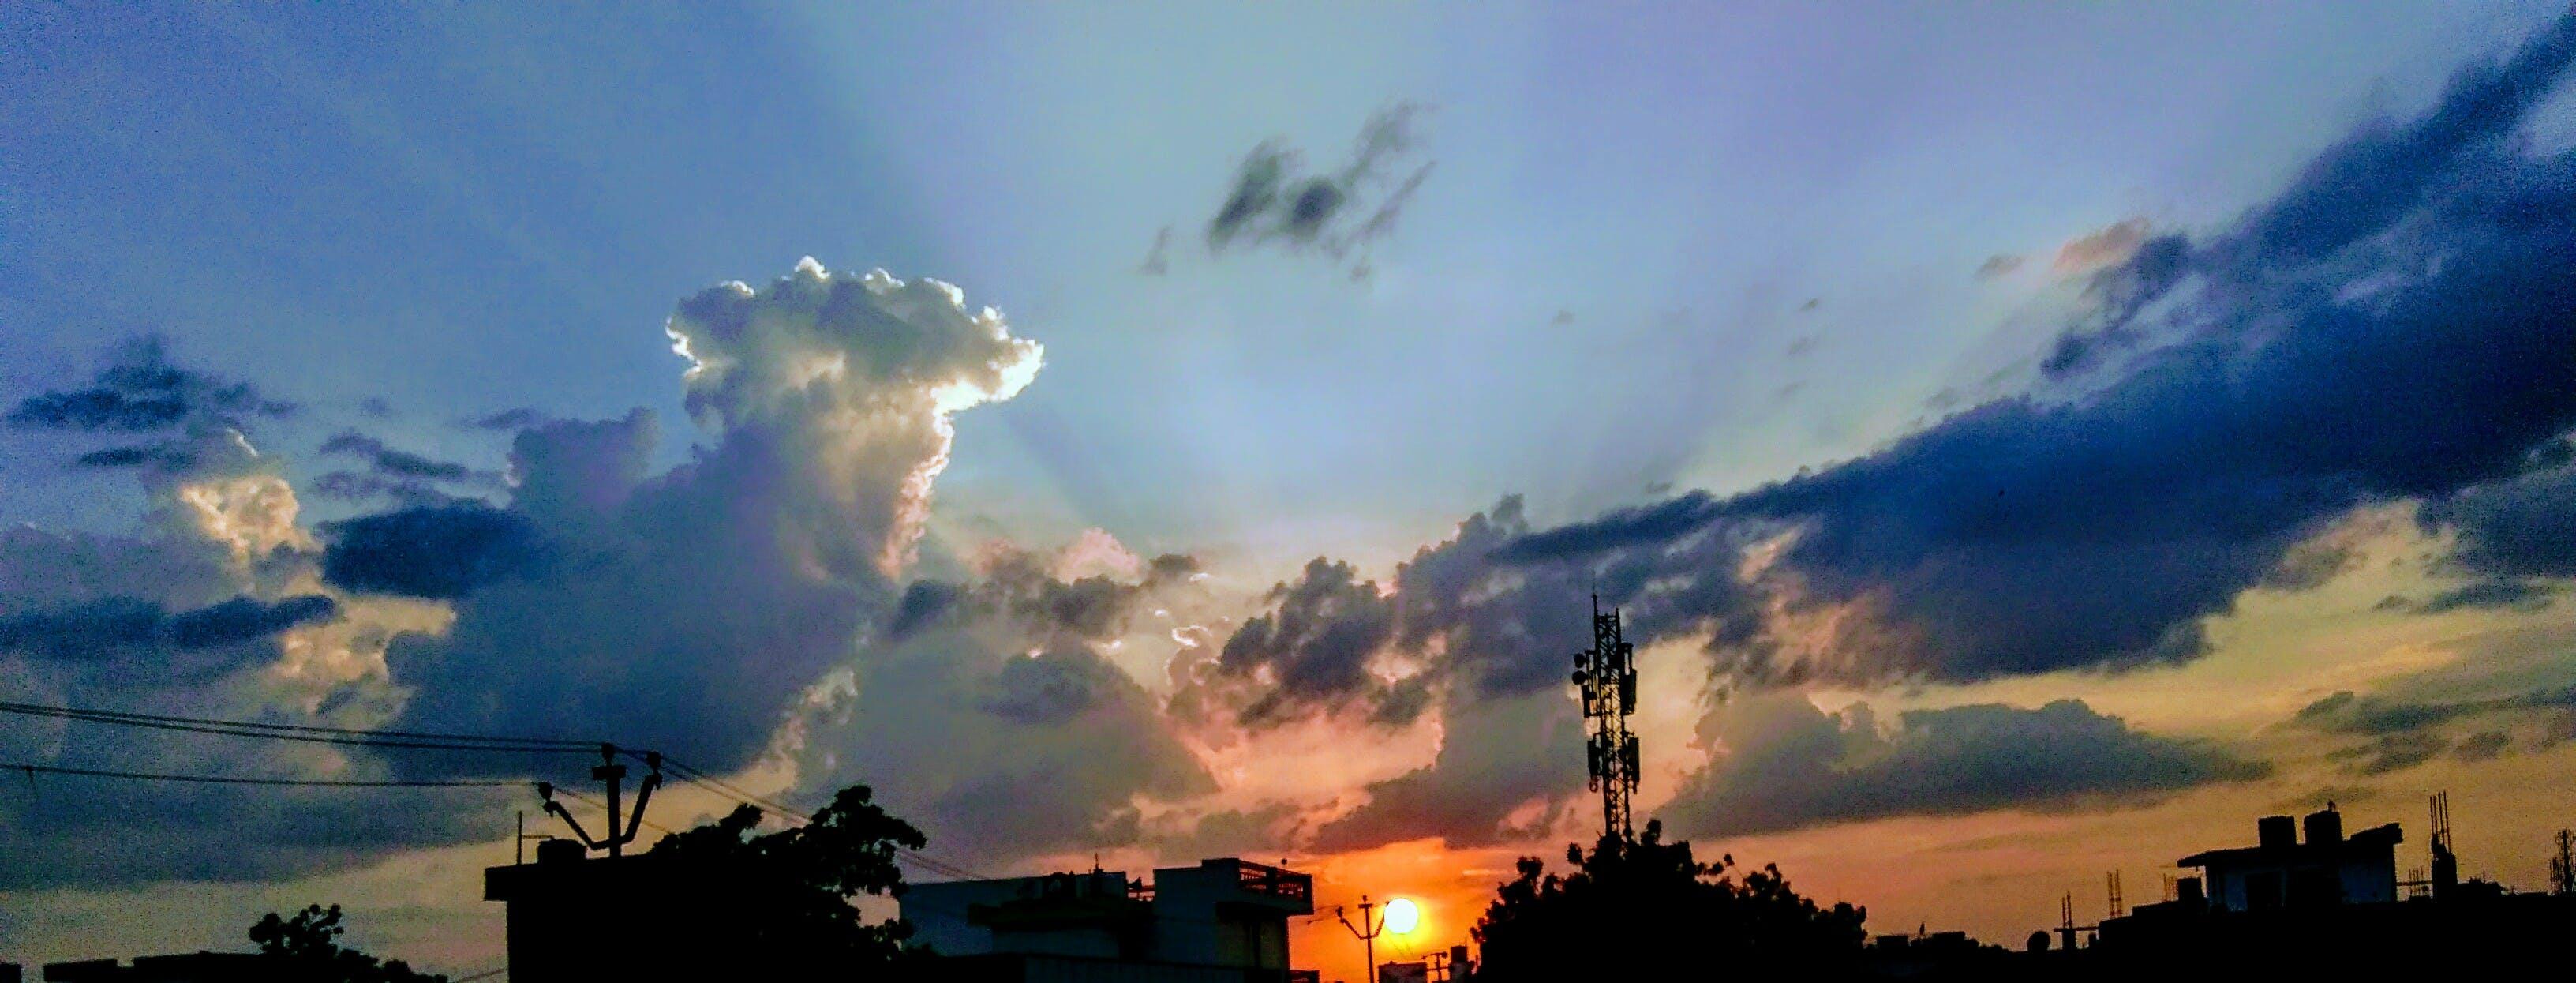 Panoramic Photo of Sunset